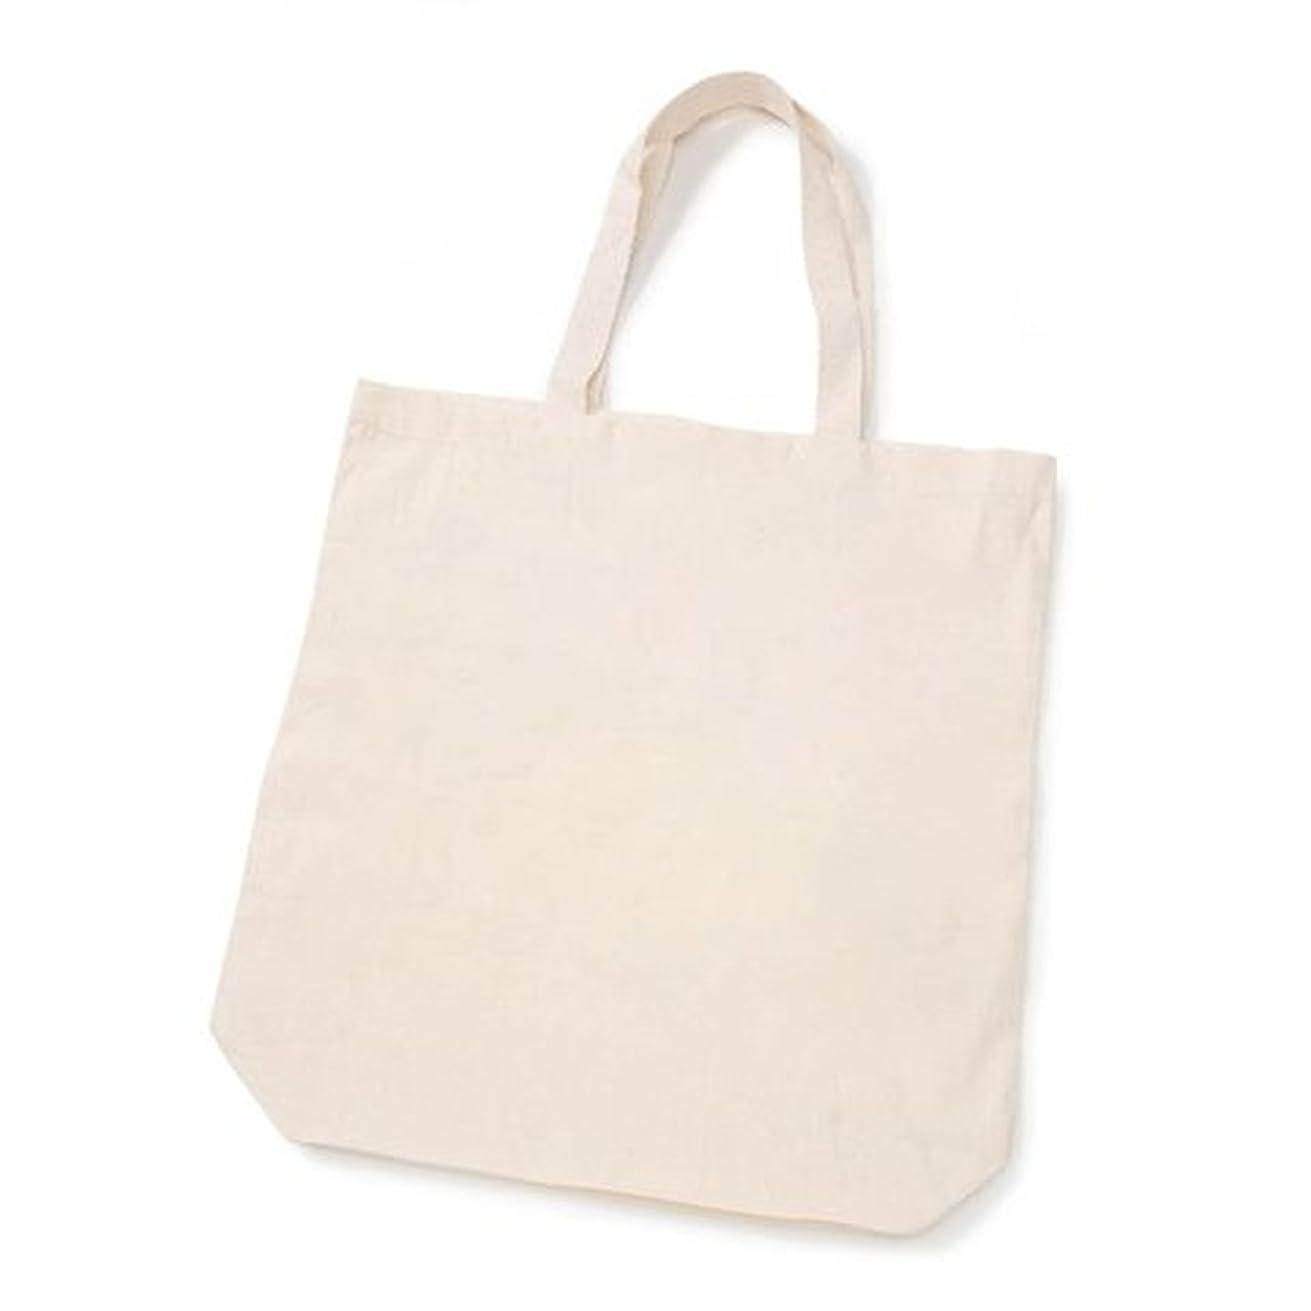 Darice Eco Tote - 100% Cotton - 15 x 16 x 4 inches